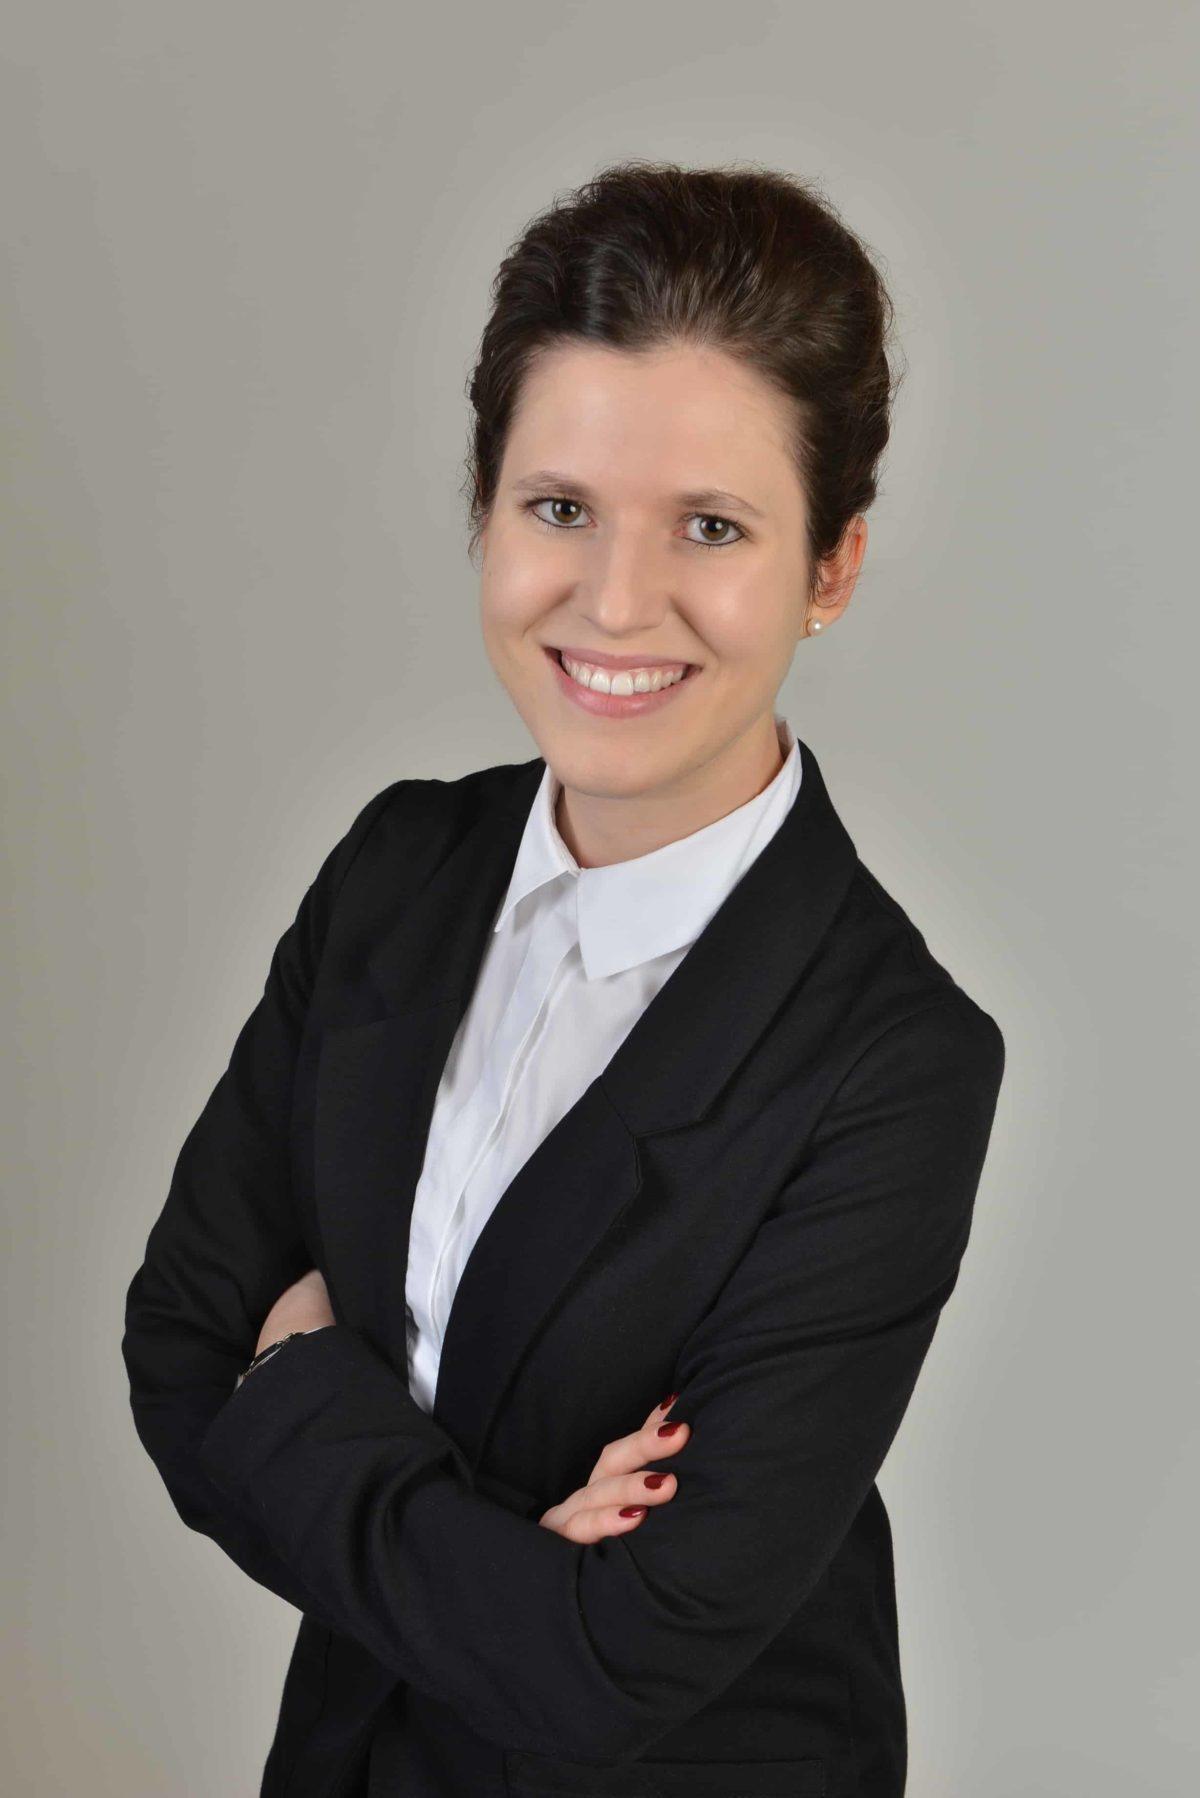 Nachhilfe Akademie: Corinne Dütsch, Geschäftsleitung